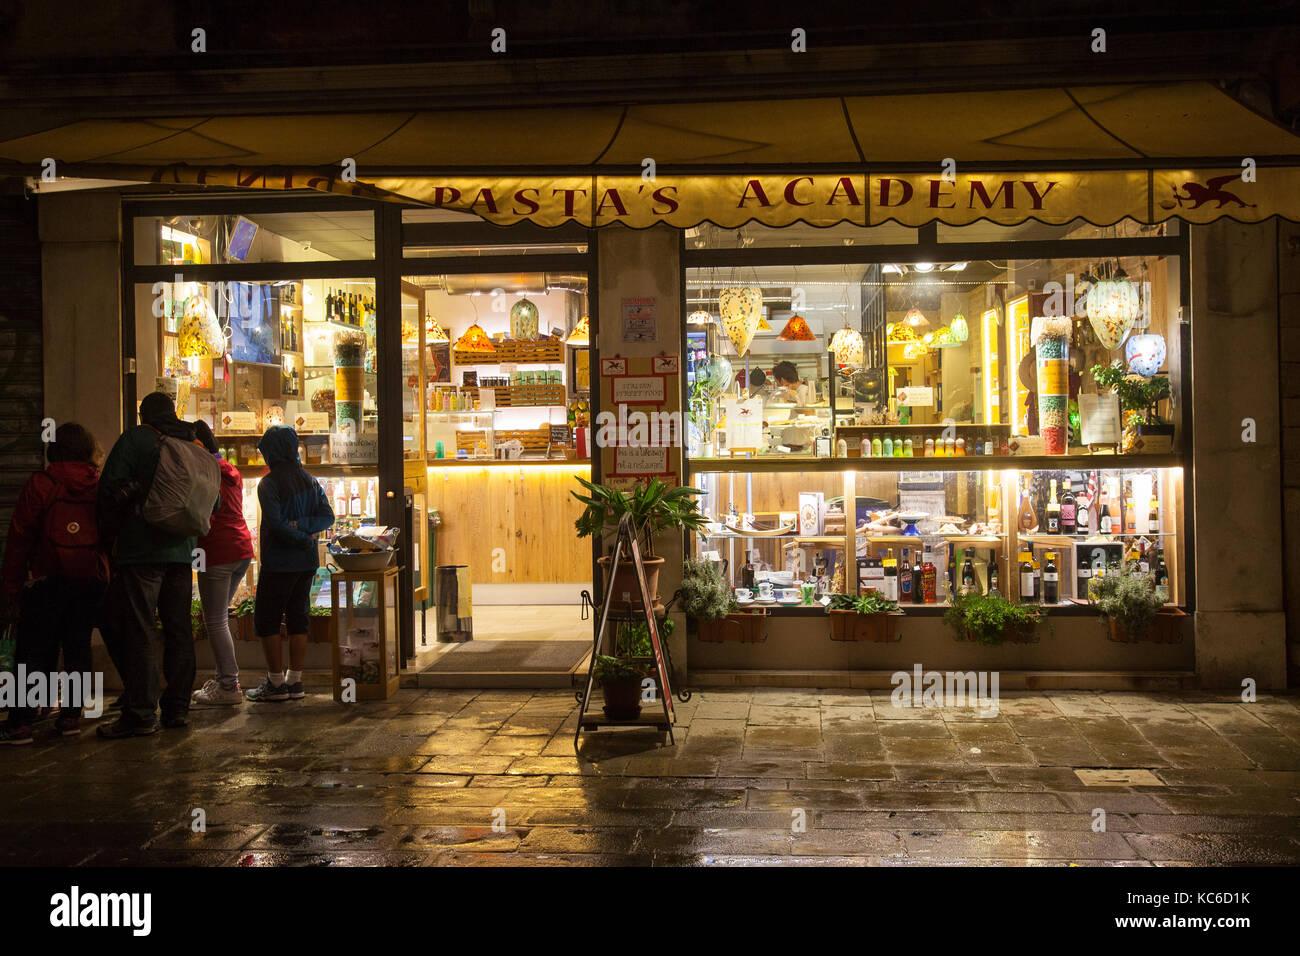 Beleuchtete Fenster der Akademie zum Mitnehmen der beliebten Venedigs Pasta in Rio Terra Foscarini, Cannaregio, Stockbild